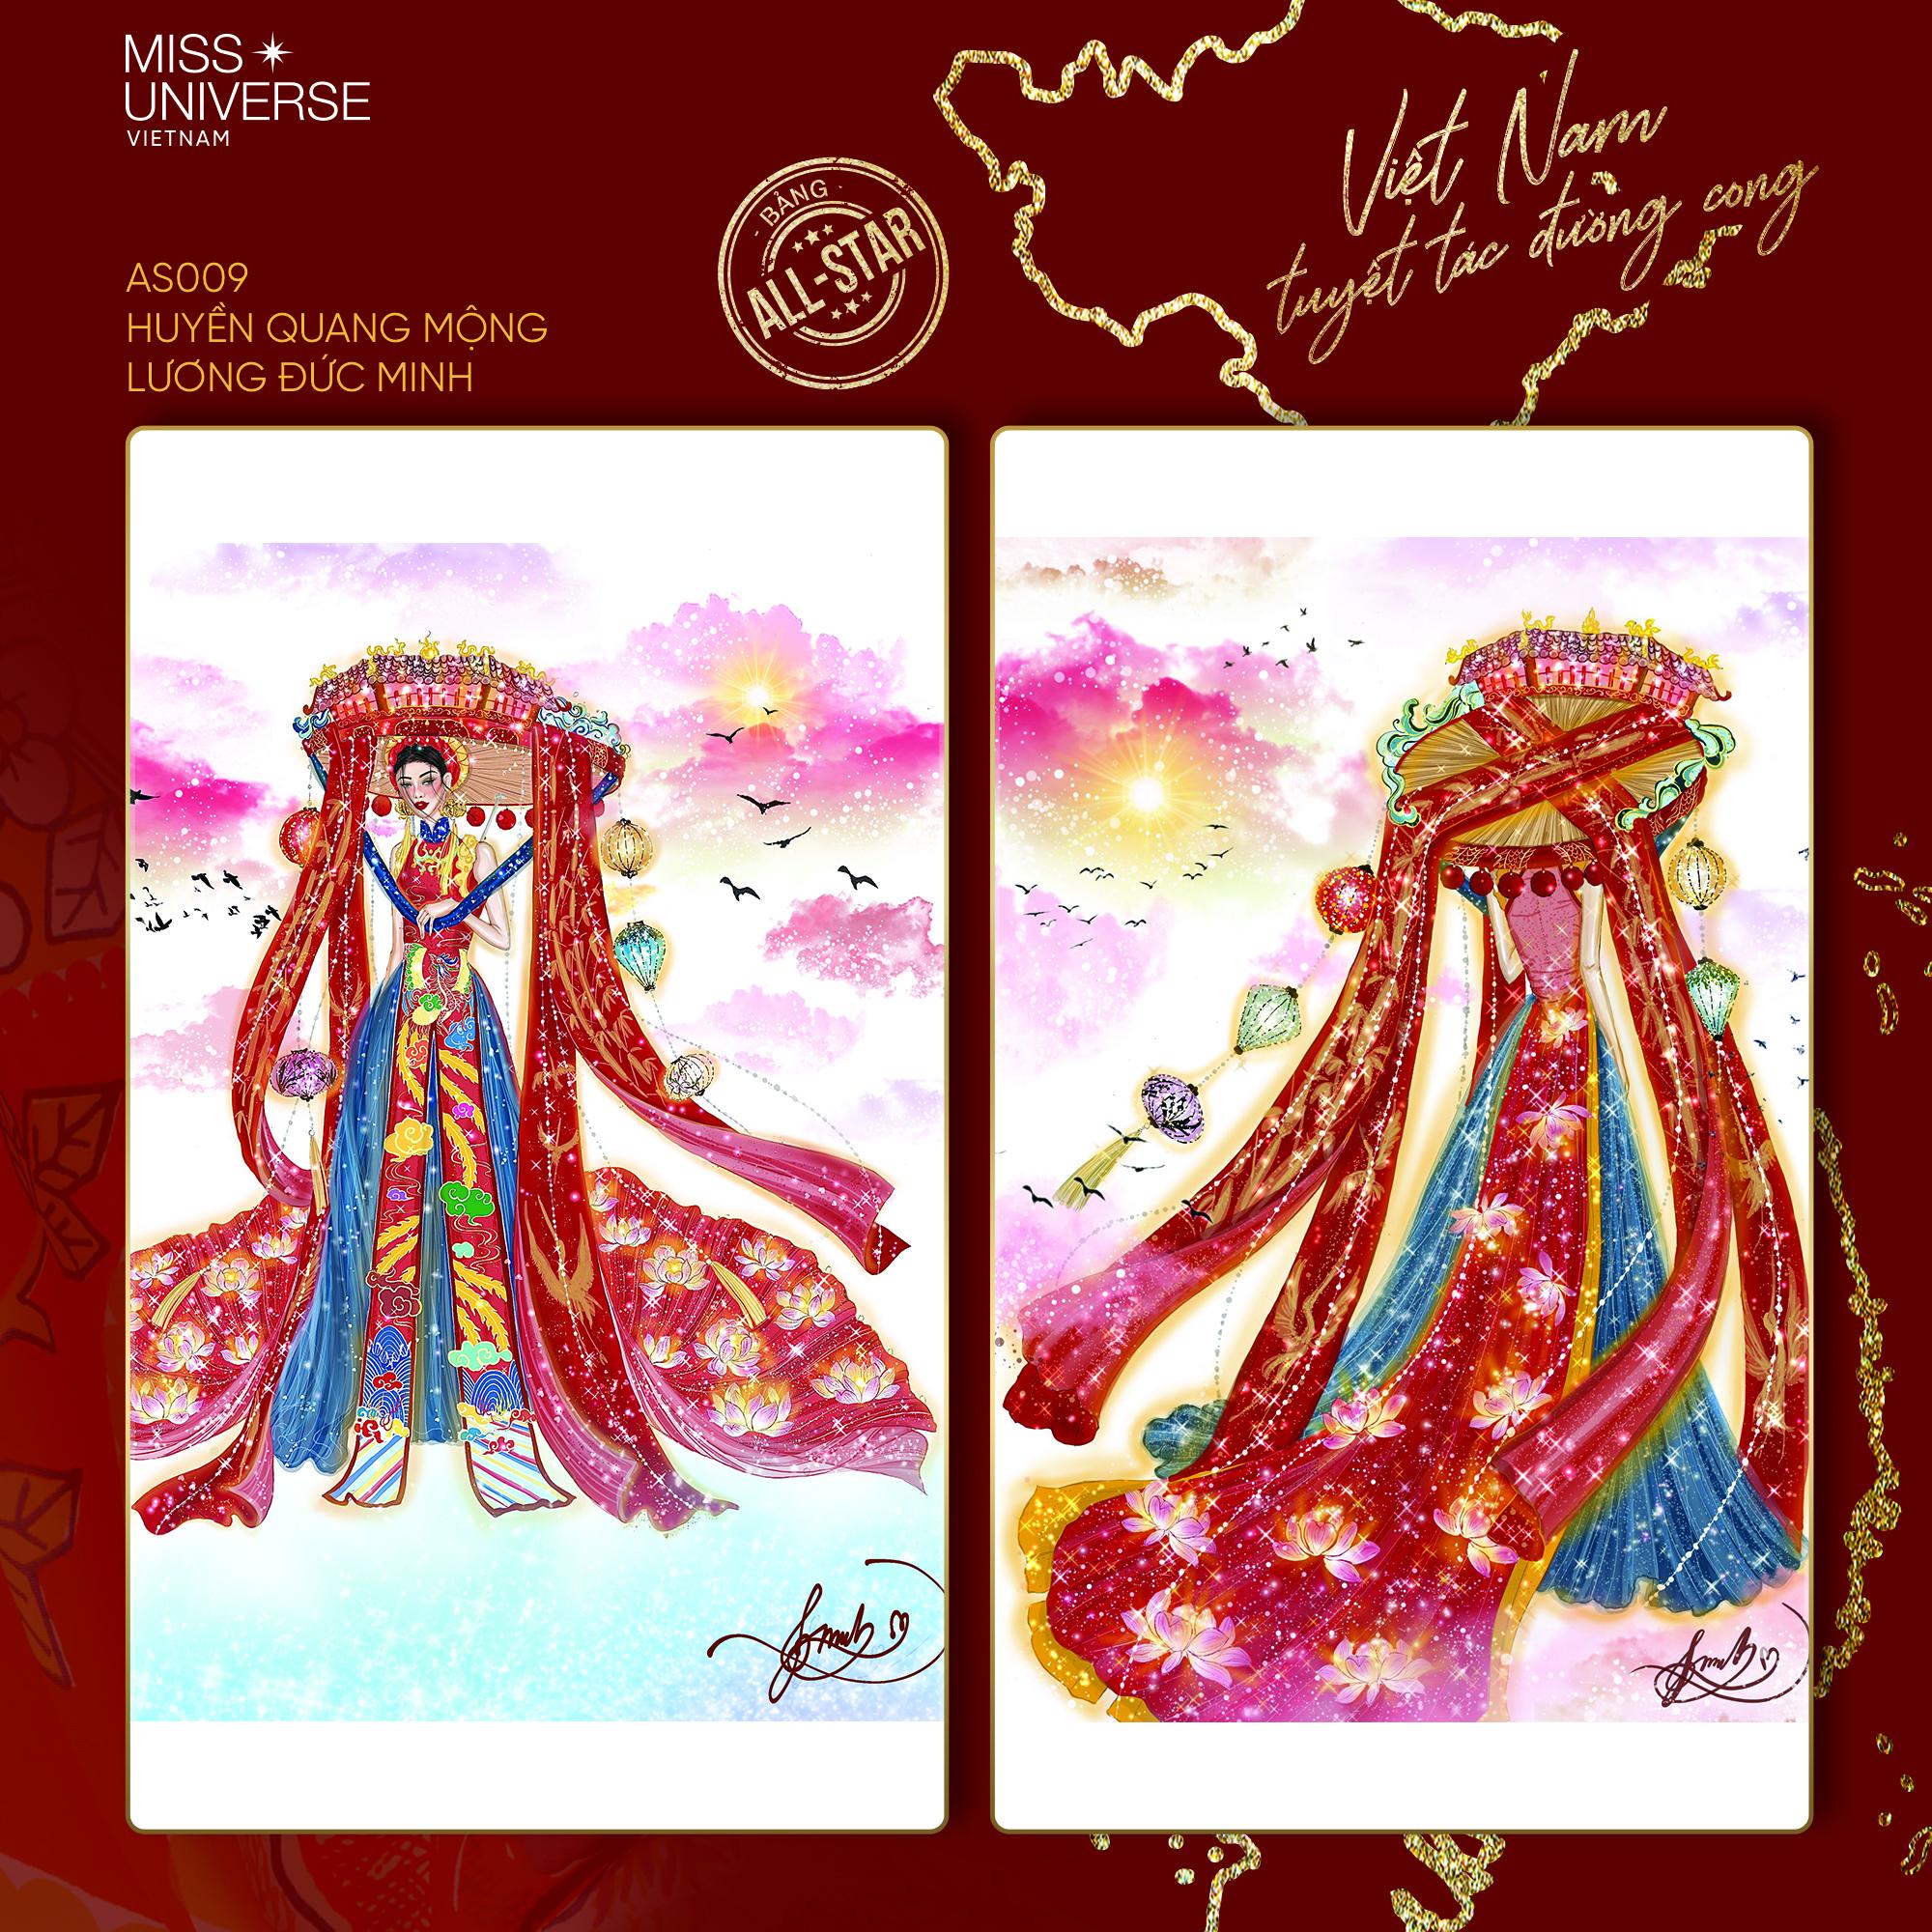 Chủ nhân National Costume Nàng Mây thiết kế váy tàu điện Metro cho Khánh Vân: Cổng trường cũng thành trang phục cực chất Ảnh 2